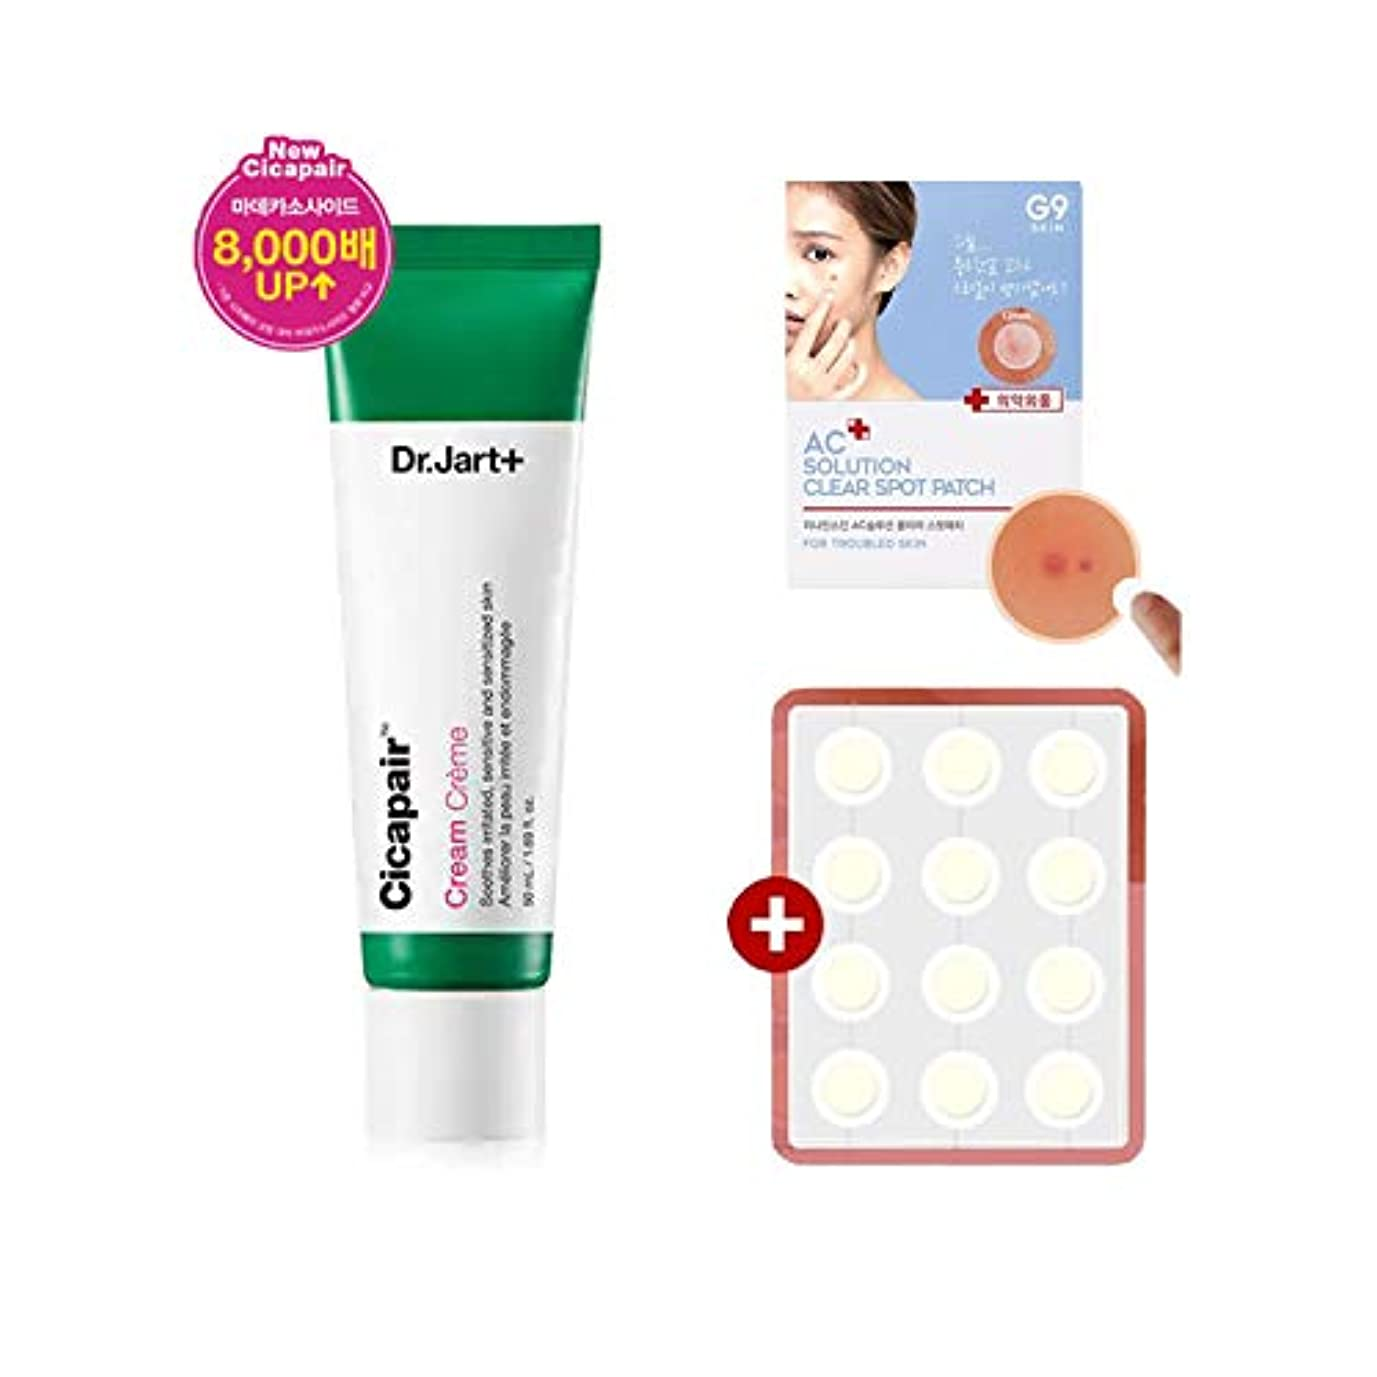 行う舌なオピエート[リニューアル] Dr.Jart Cicapair Cream クリーム50ml(2代目)+ G9SKIN ACソリューションクリアパッチ 12枚 [並行輸入品]